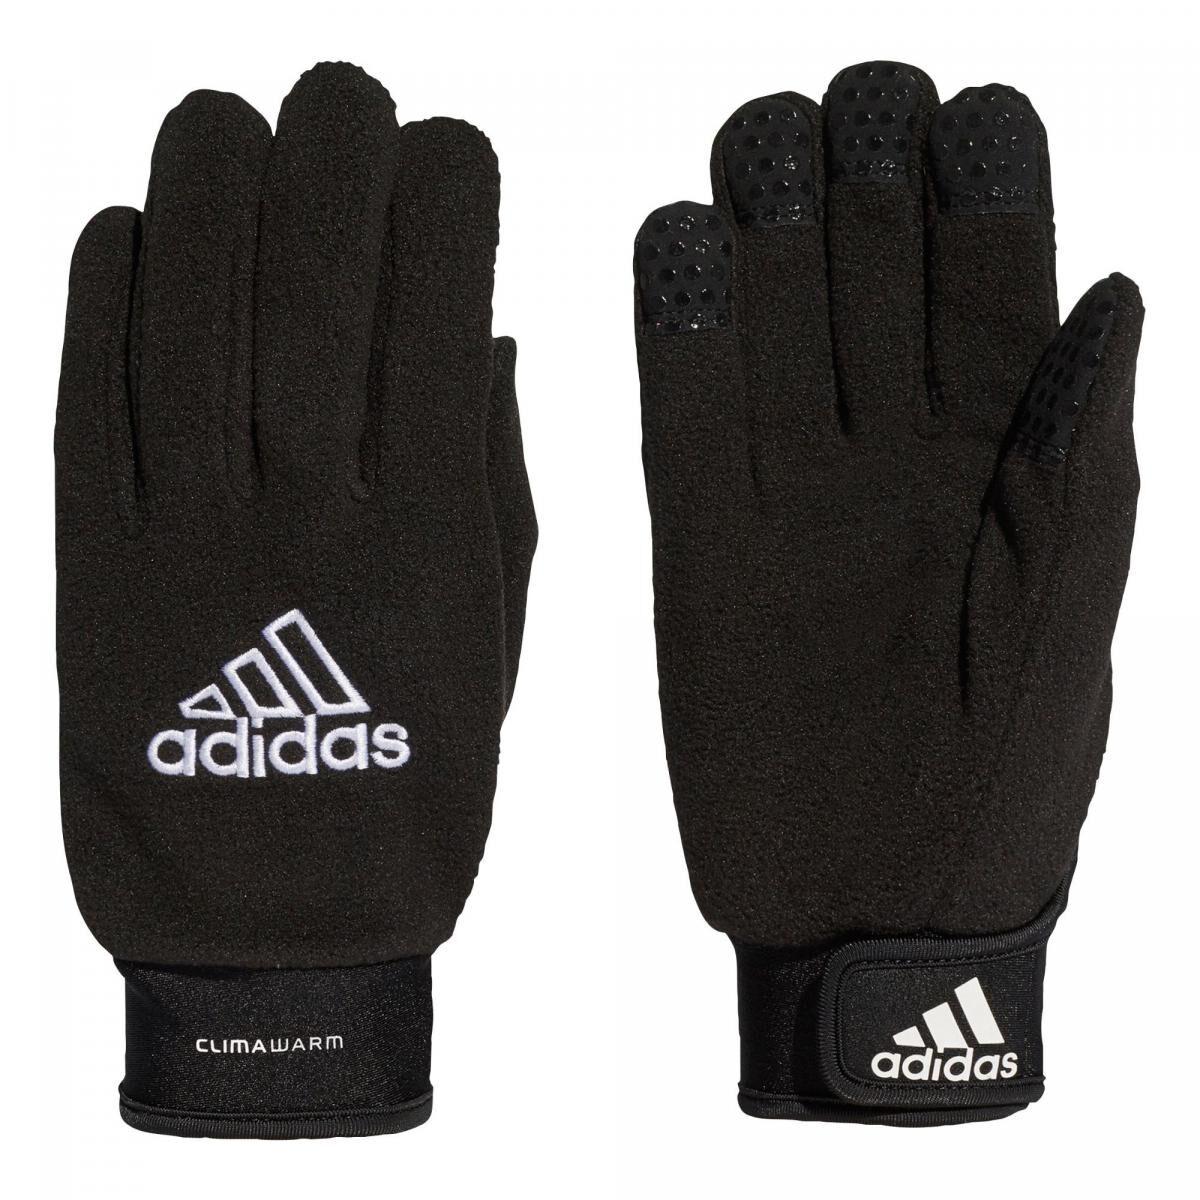 Adidas Handschuhe - Unisex - black/white in Größe 11